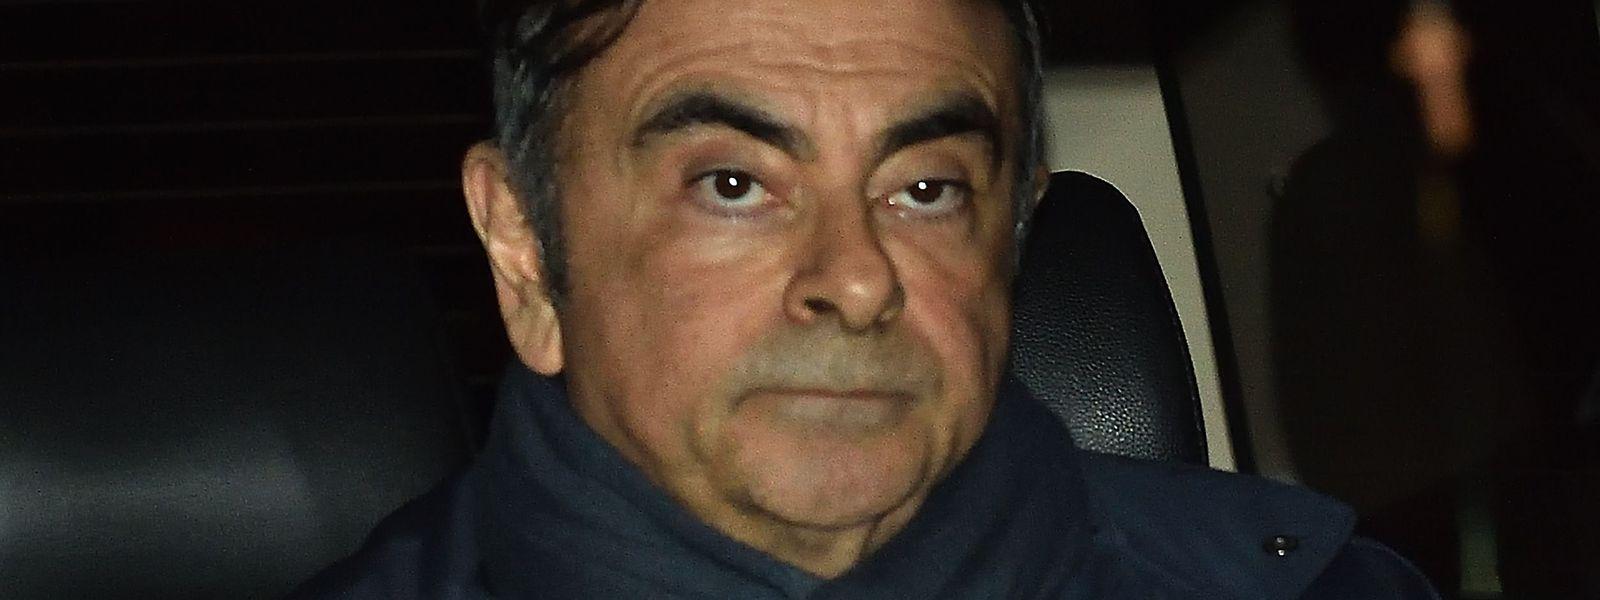 Carlos Ghosn, le patron déchu de Renault-Nissan.